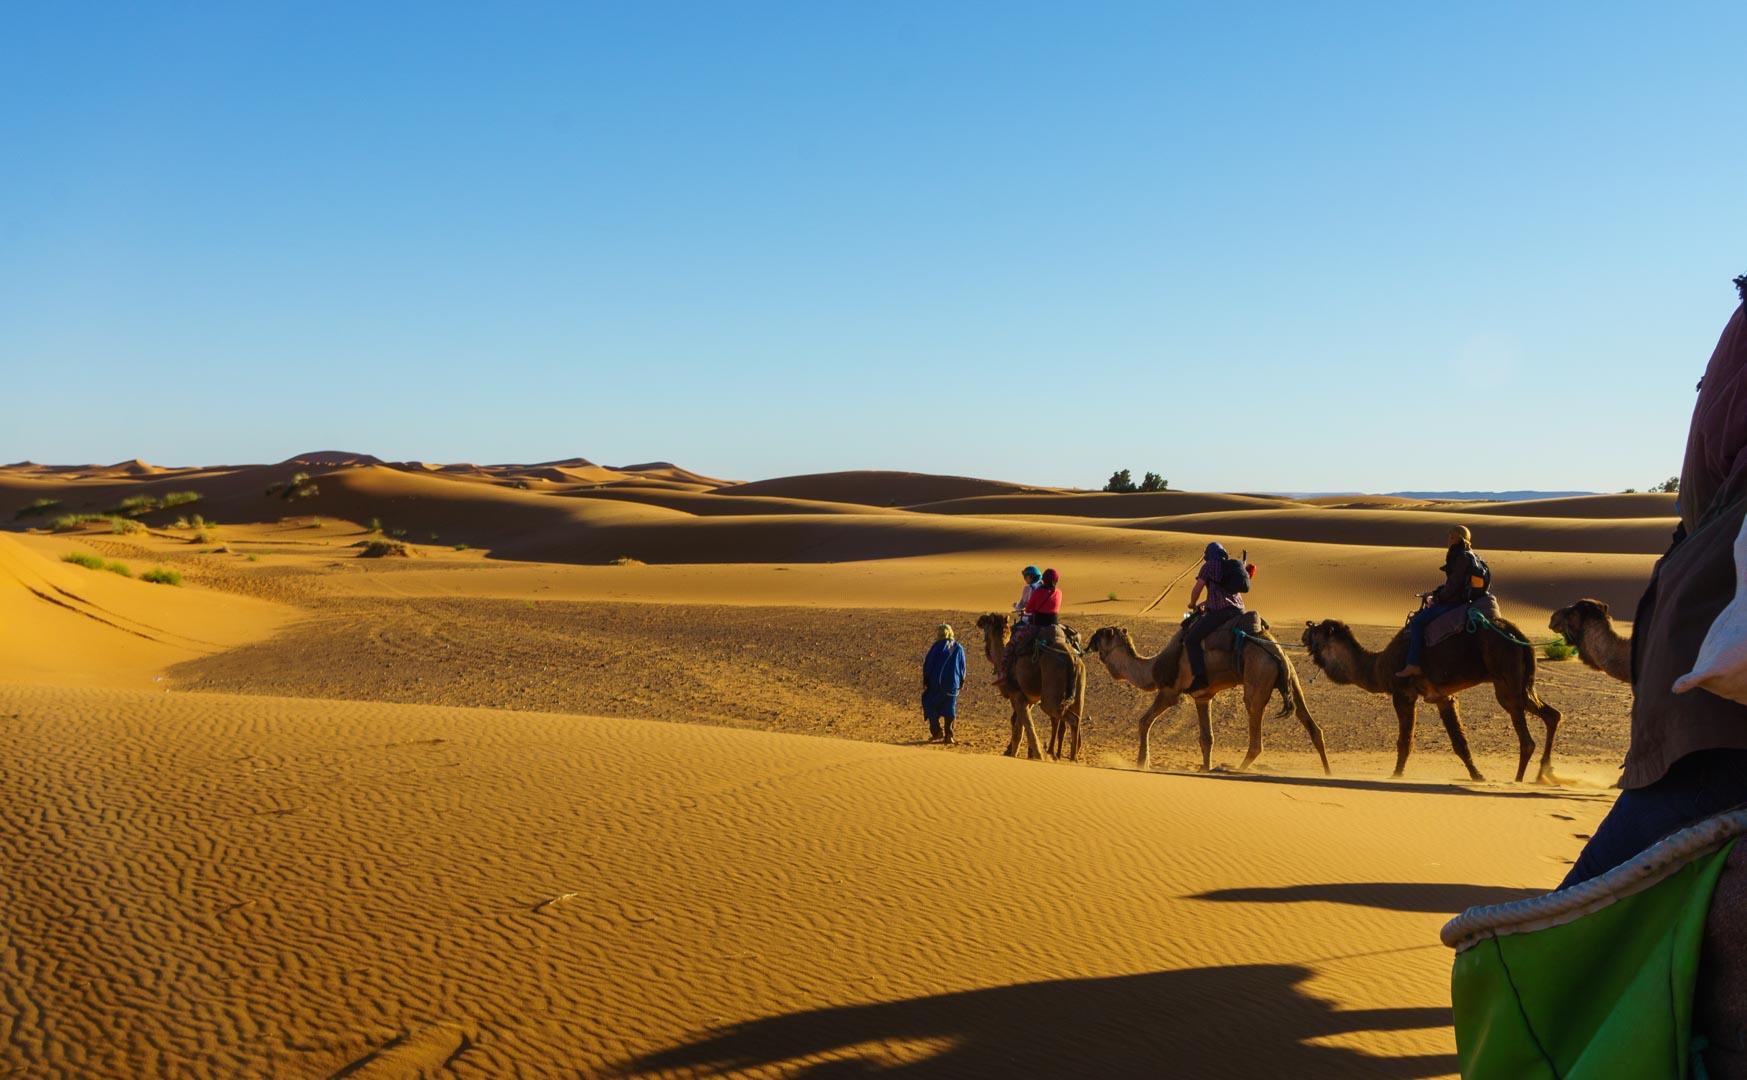 Morocco Camel Ride Sahara Dessert